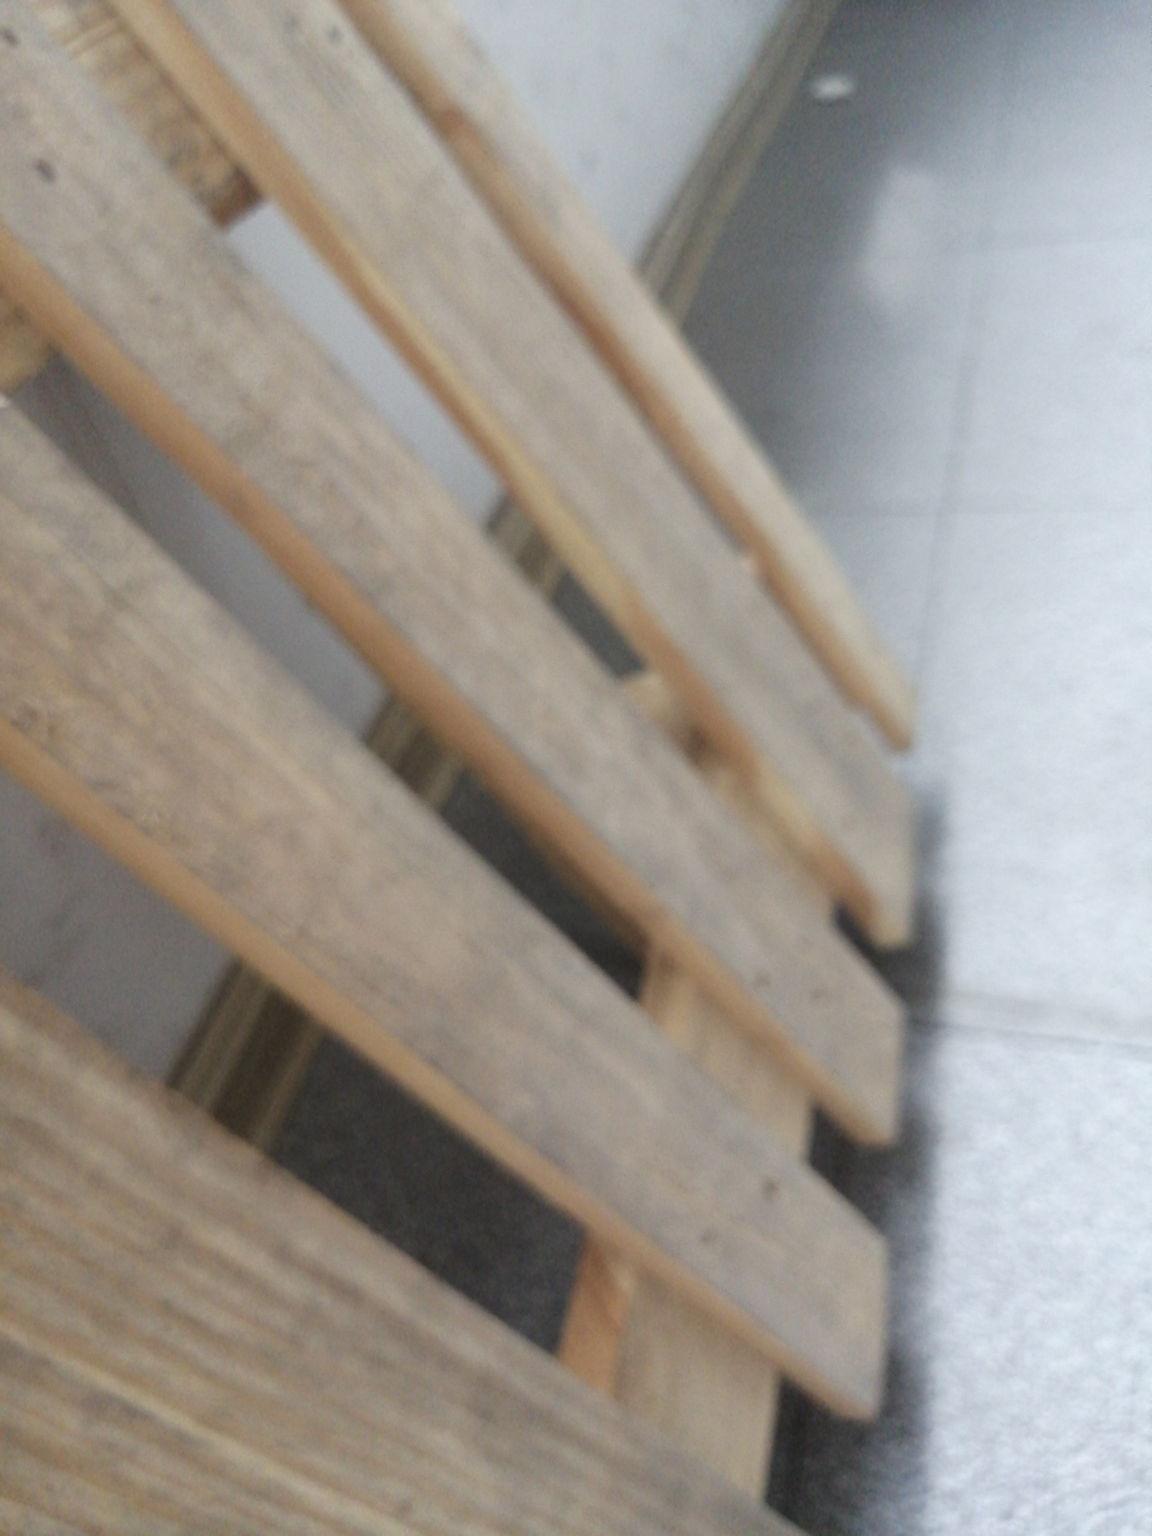 木脚墩-木脚墩批发、促销价�,⒴¿、产地货源